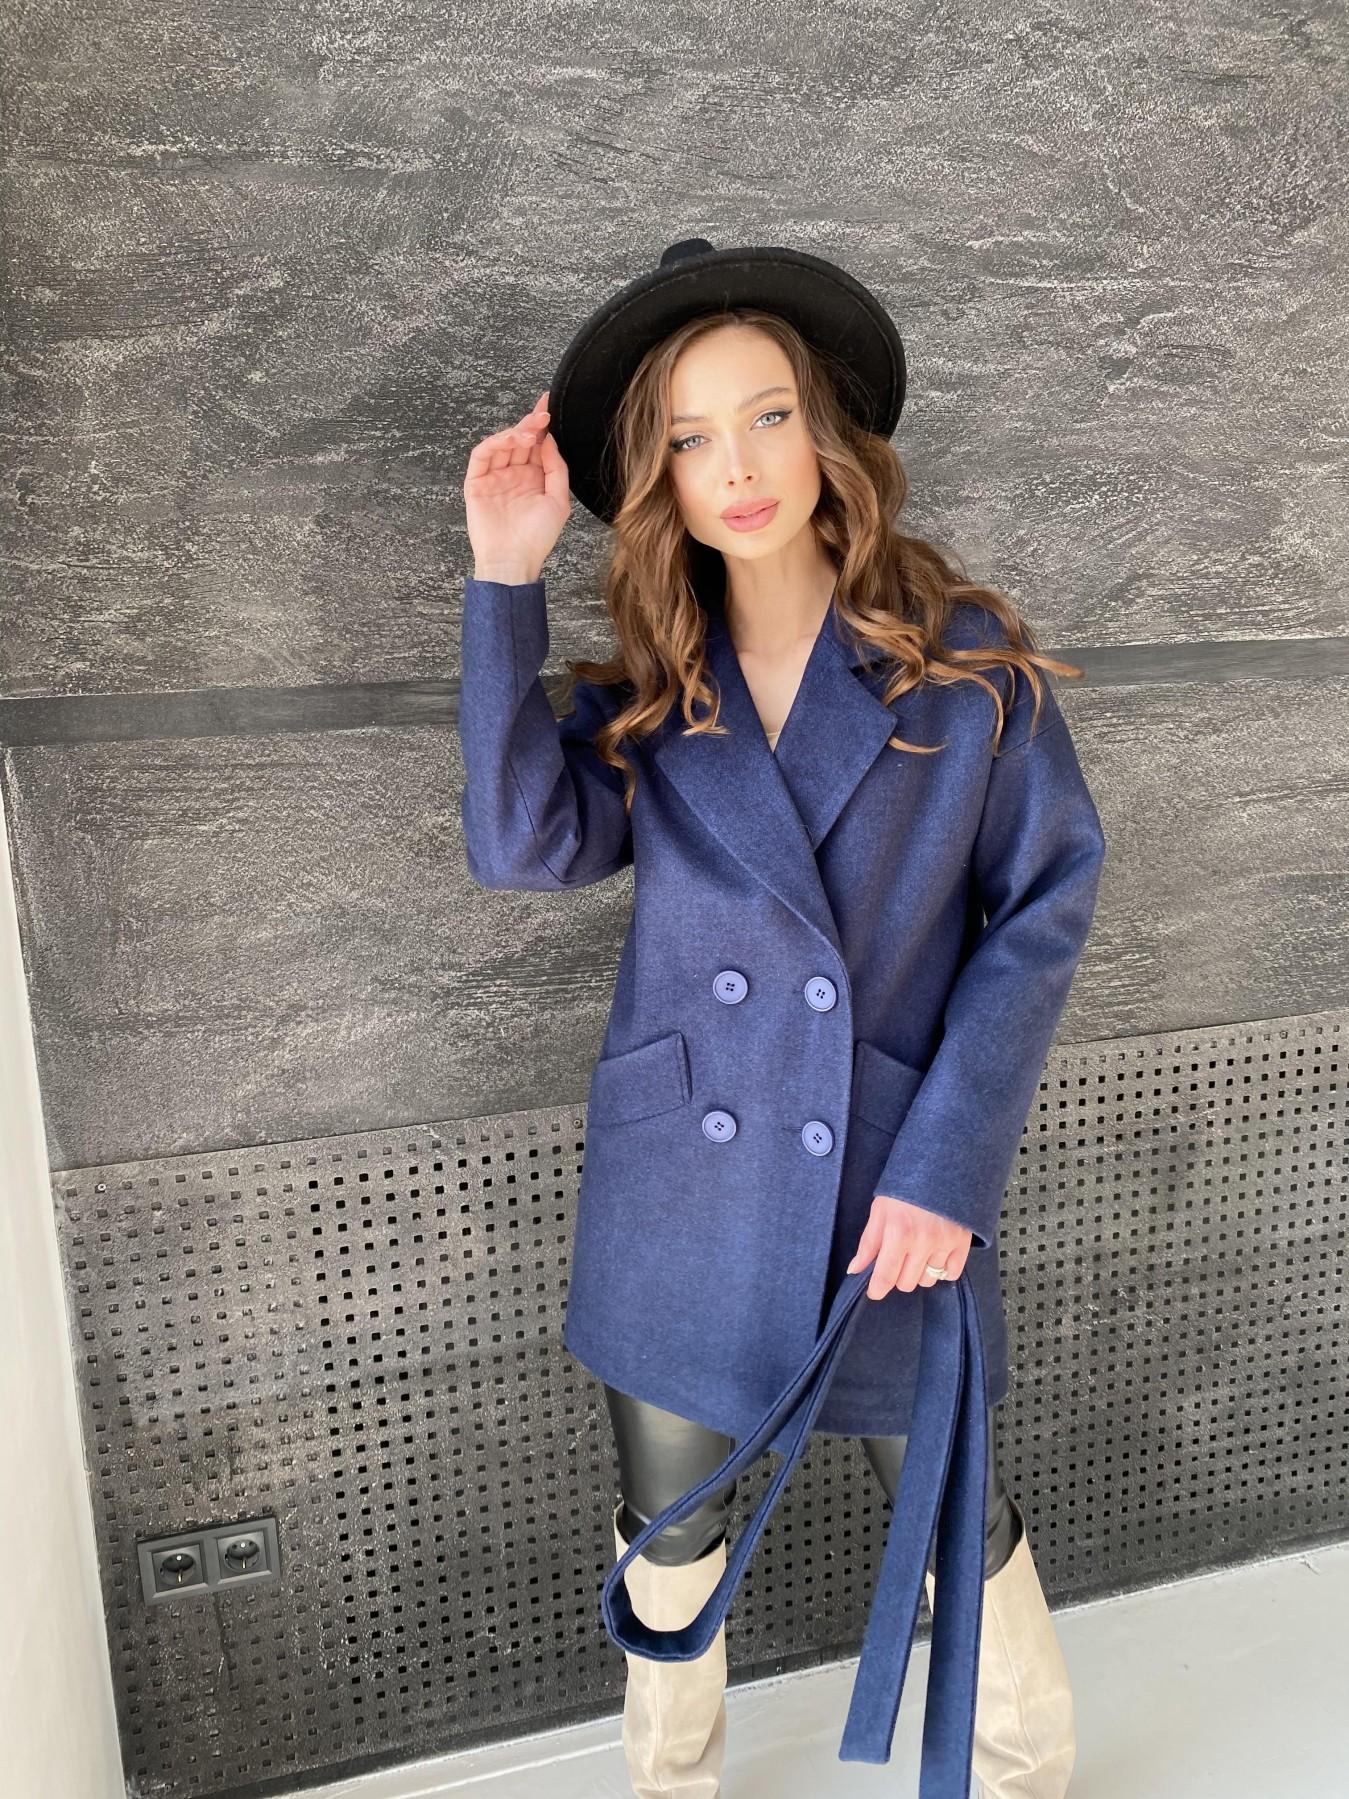 Пальто демисезонное женское Украина Modus Бонд пальто  кашемировое меланж на трикотаже  10644